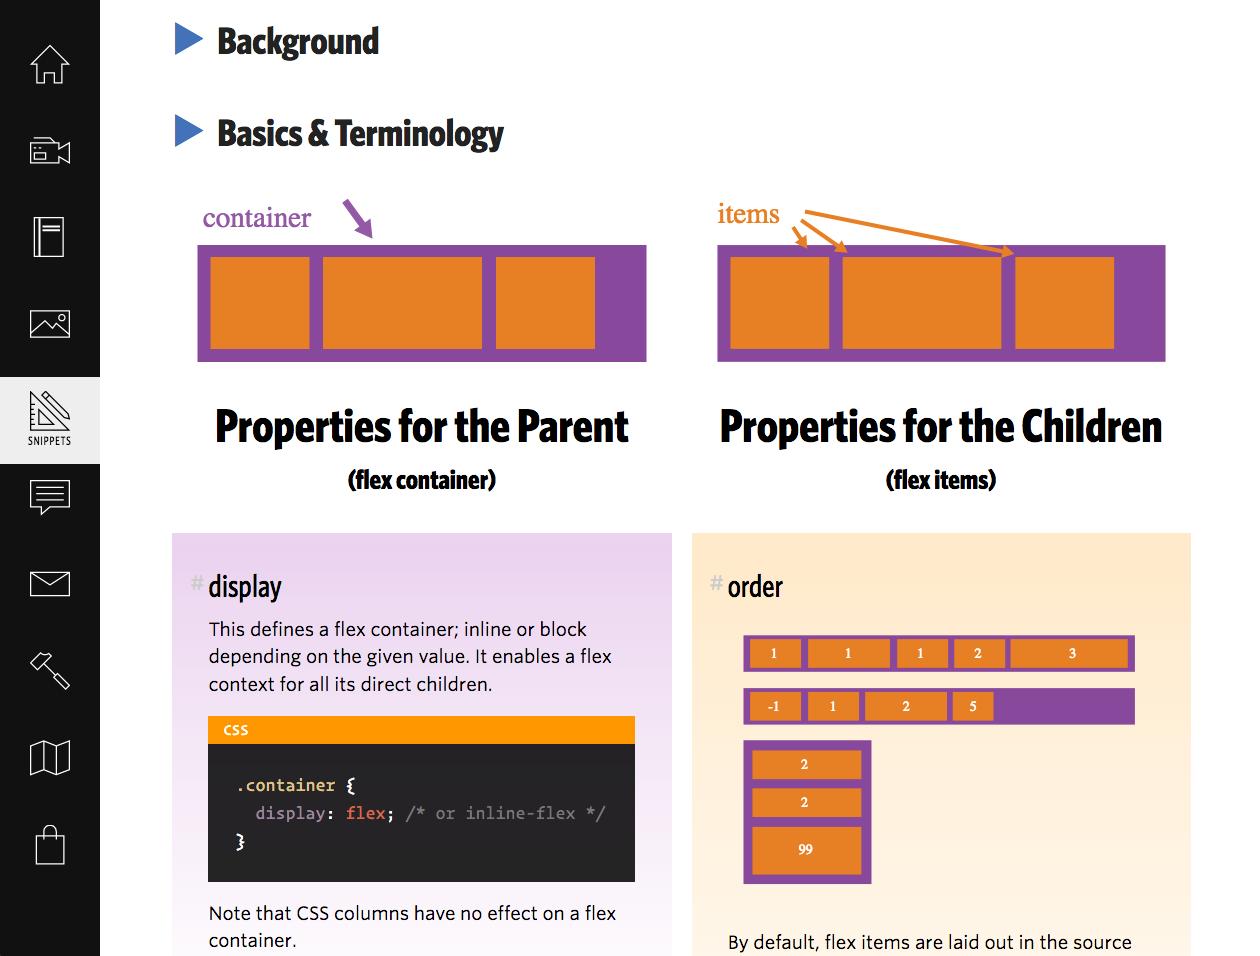 пример оптимизированной под информационный запрос страницы